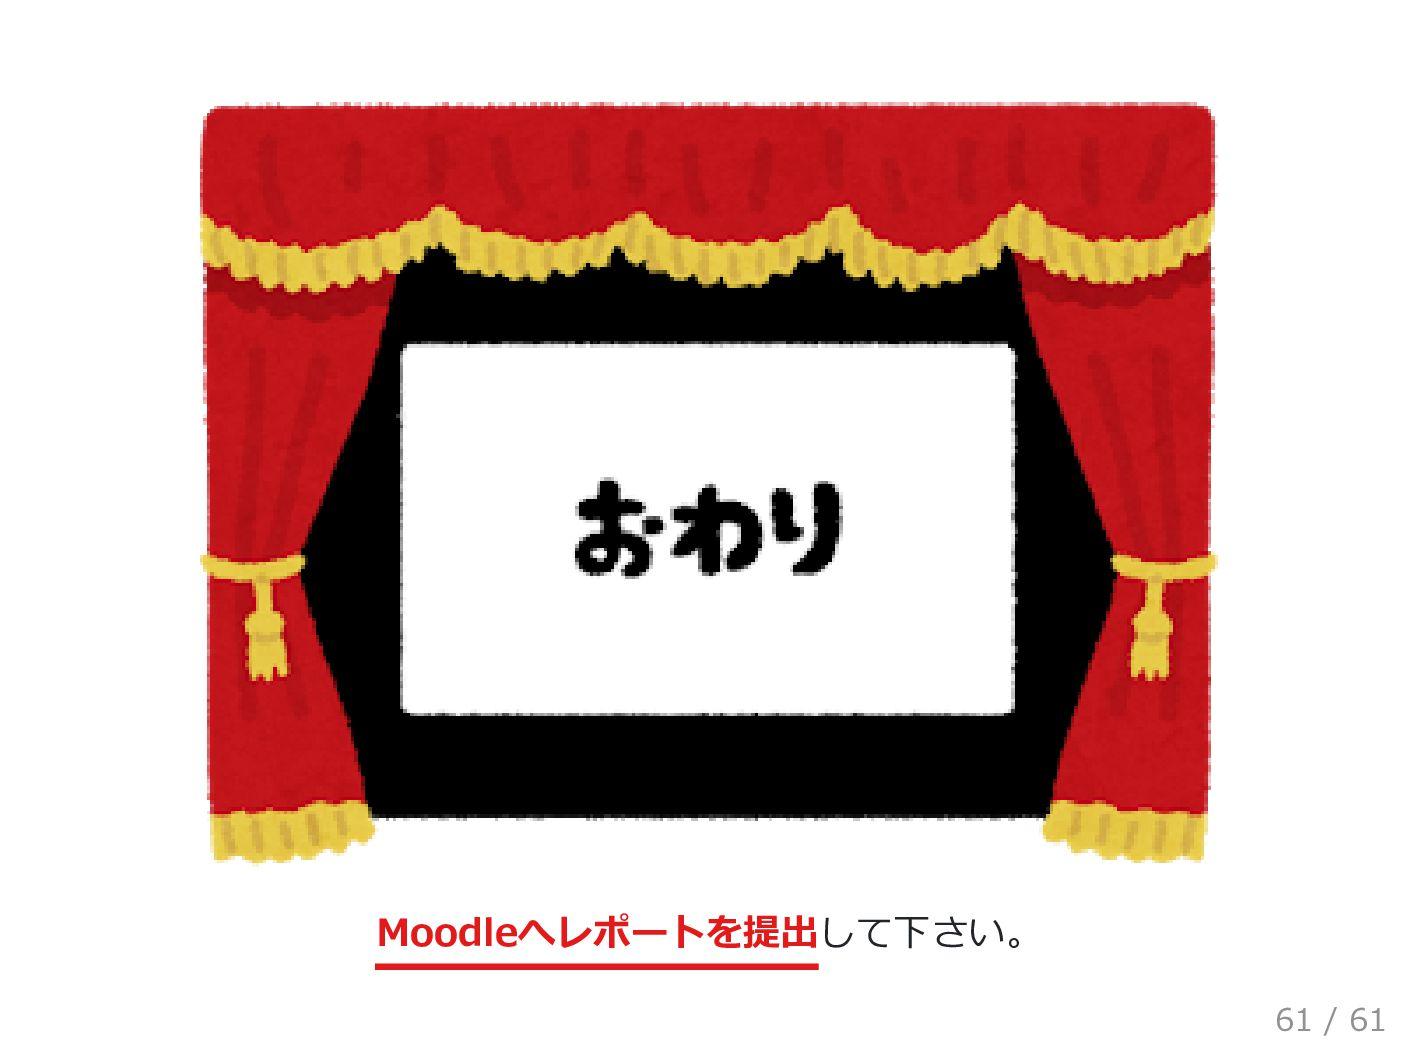 Moodleへレポートを提出して下さい。 61 / 61